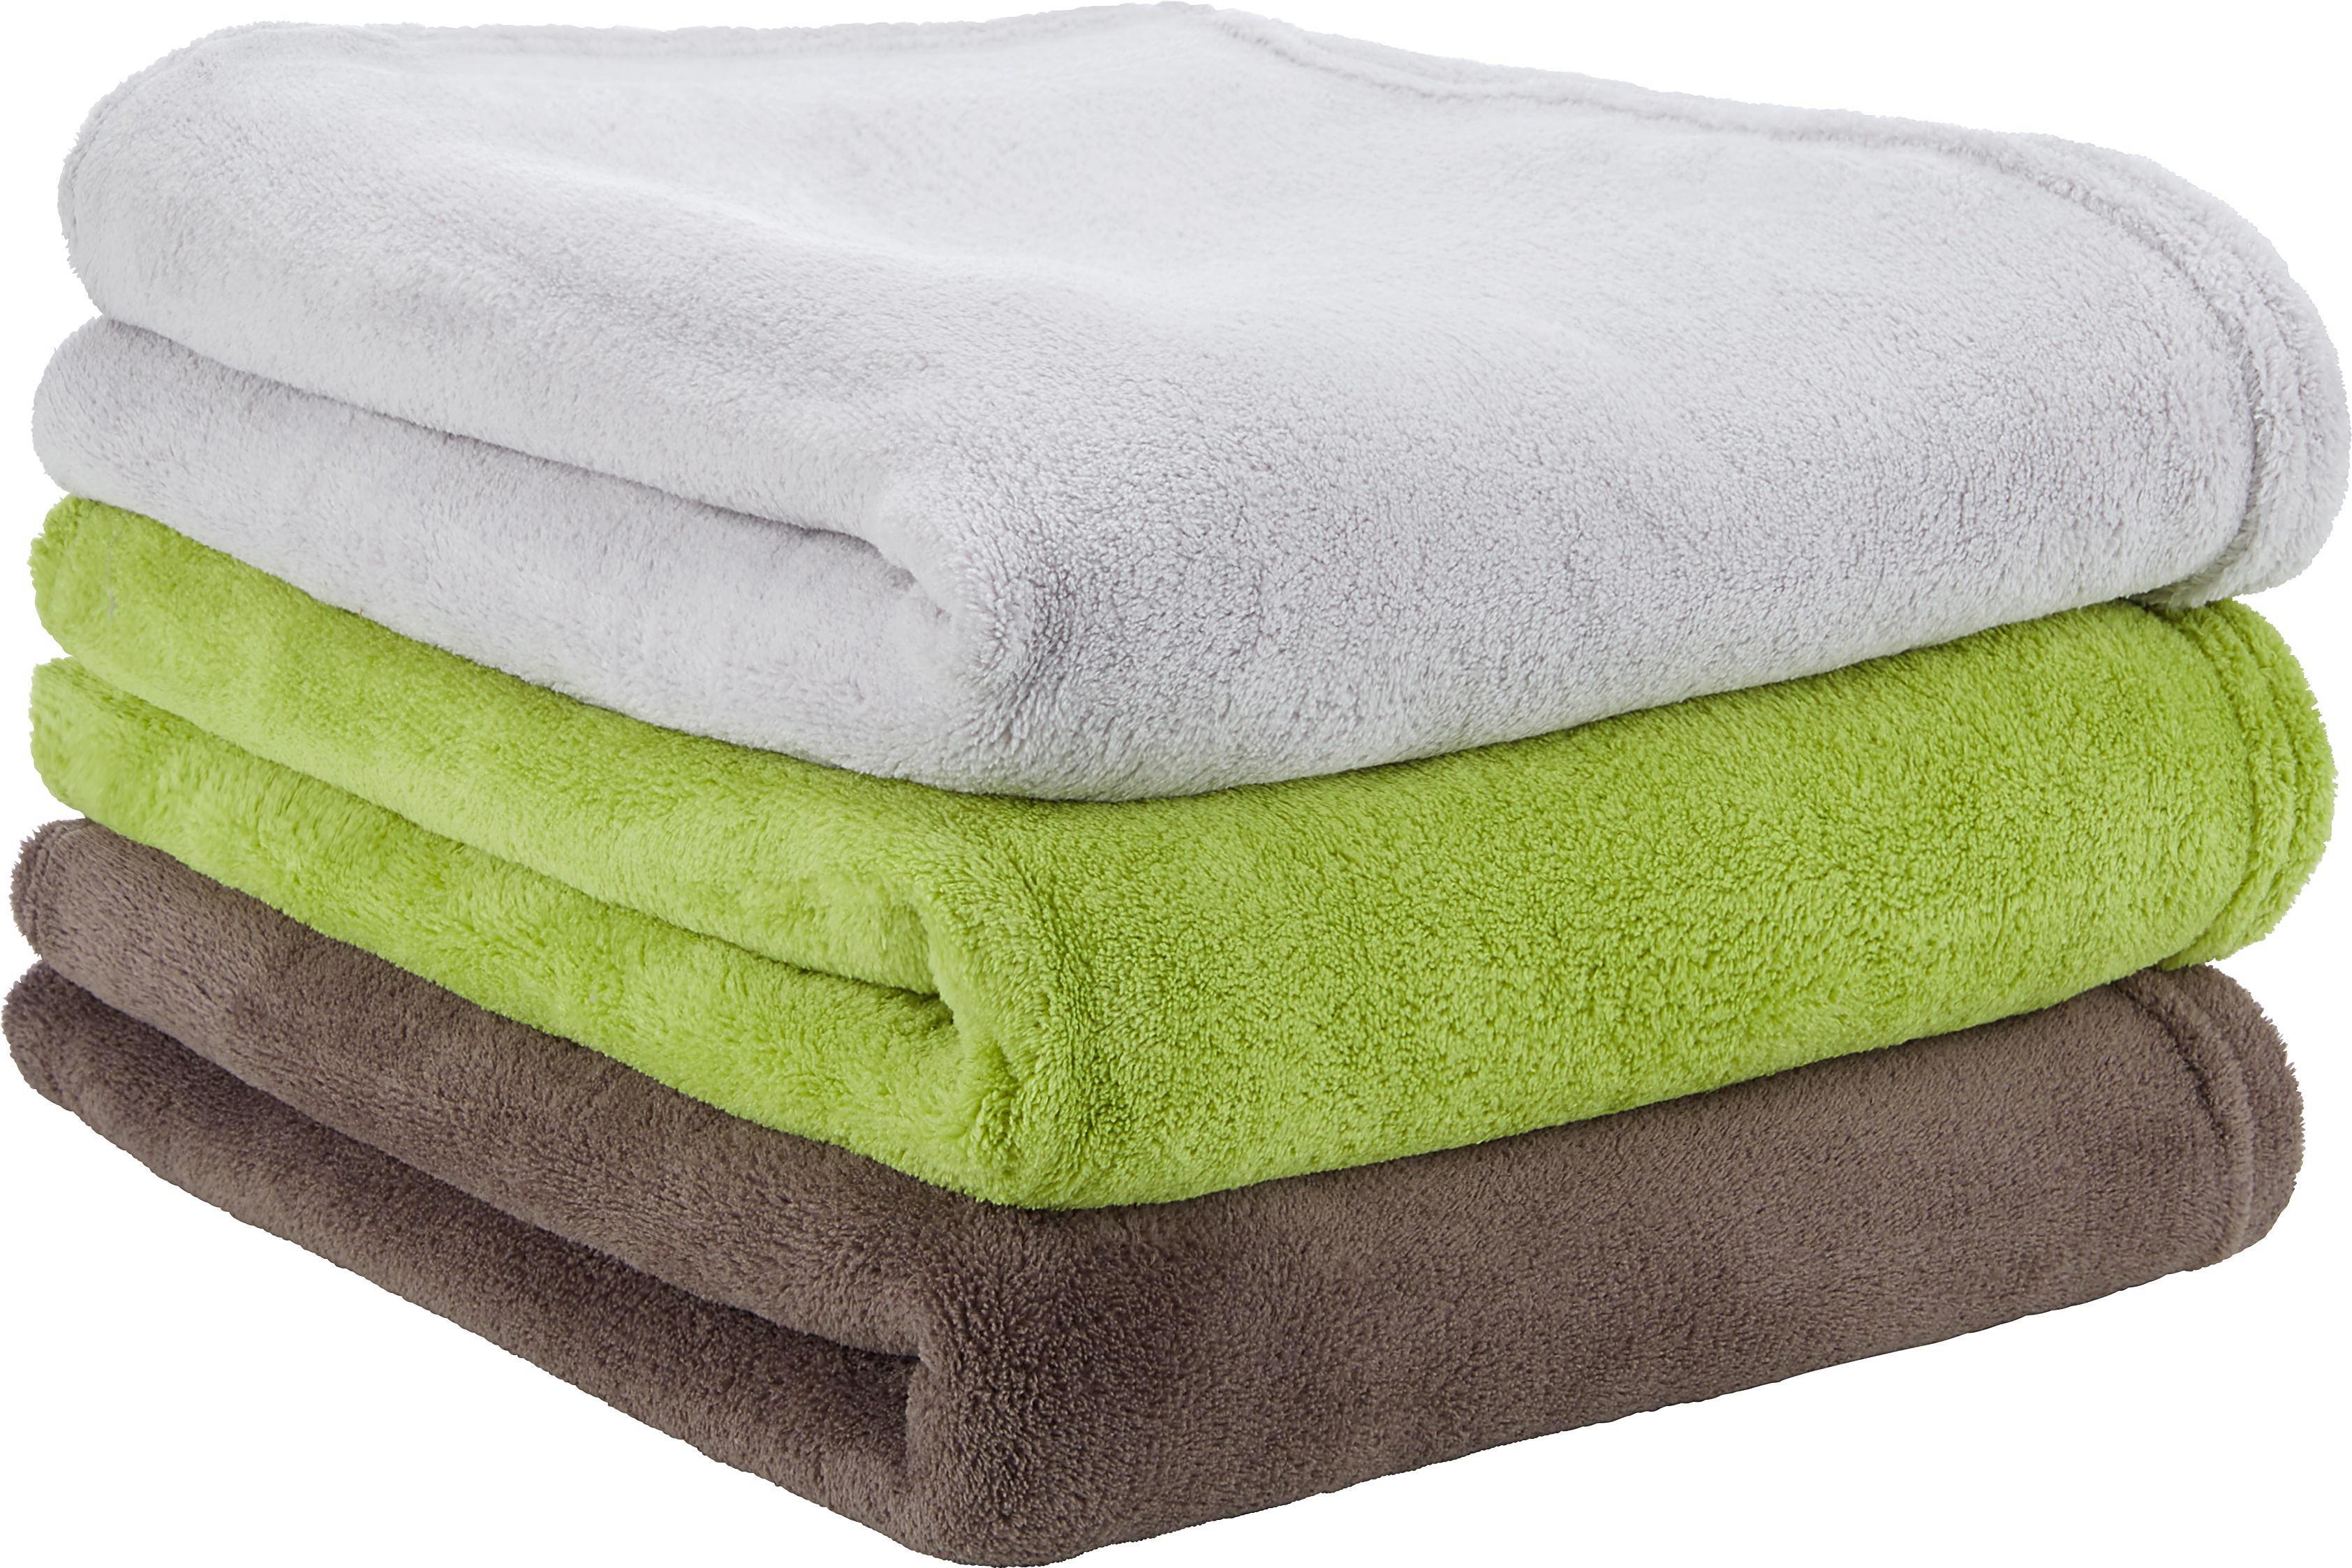 Deka Aktion - barvy stříbra/hnědá, textil (130/160cm) - BASED